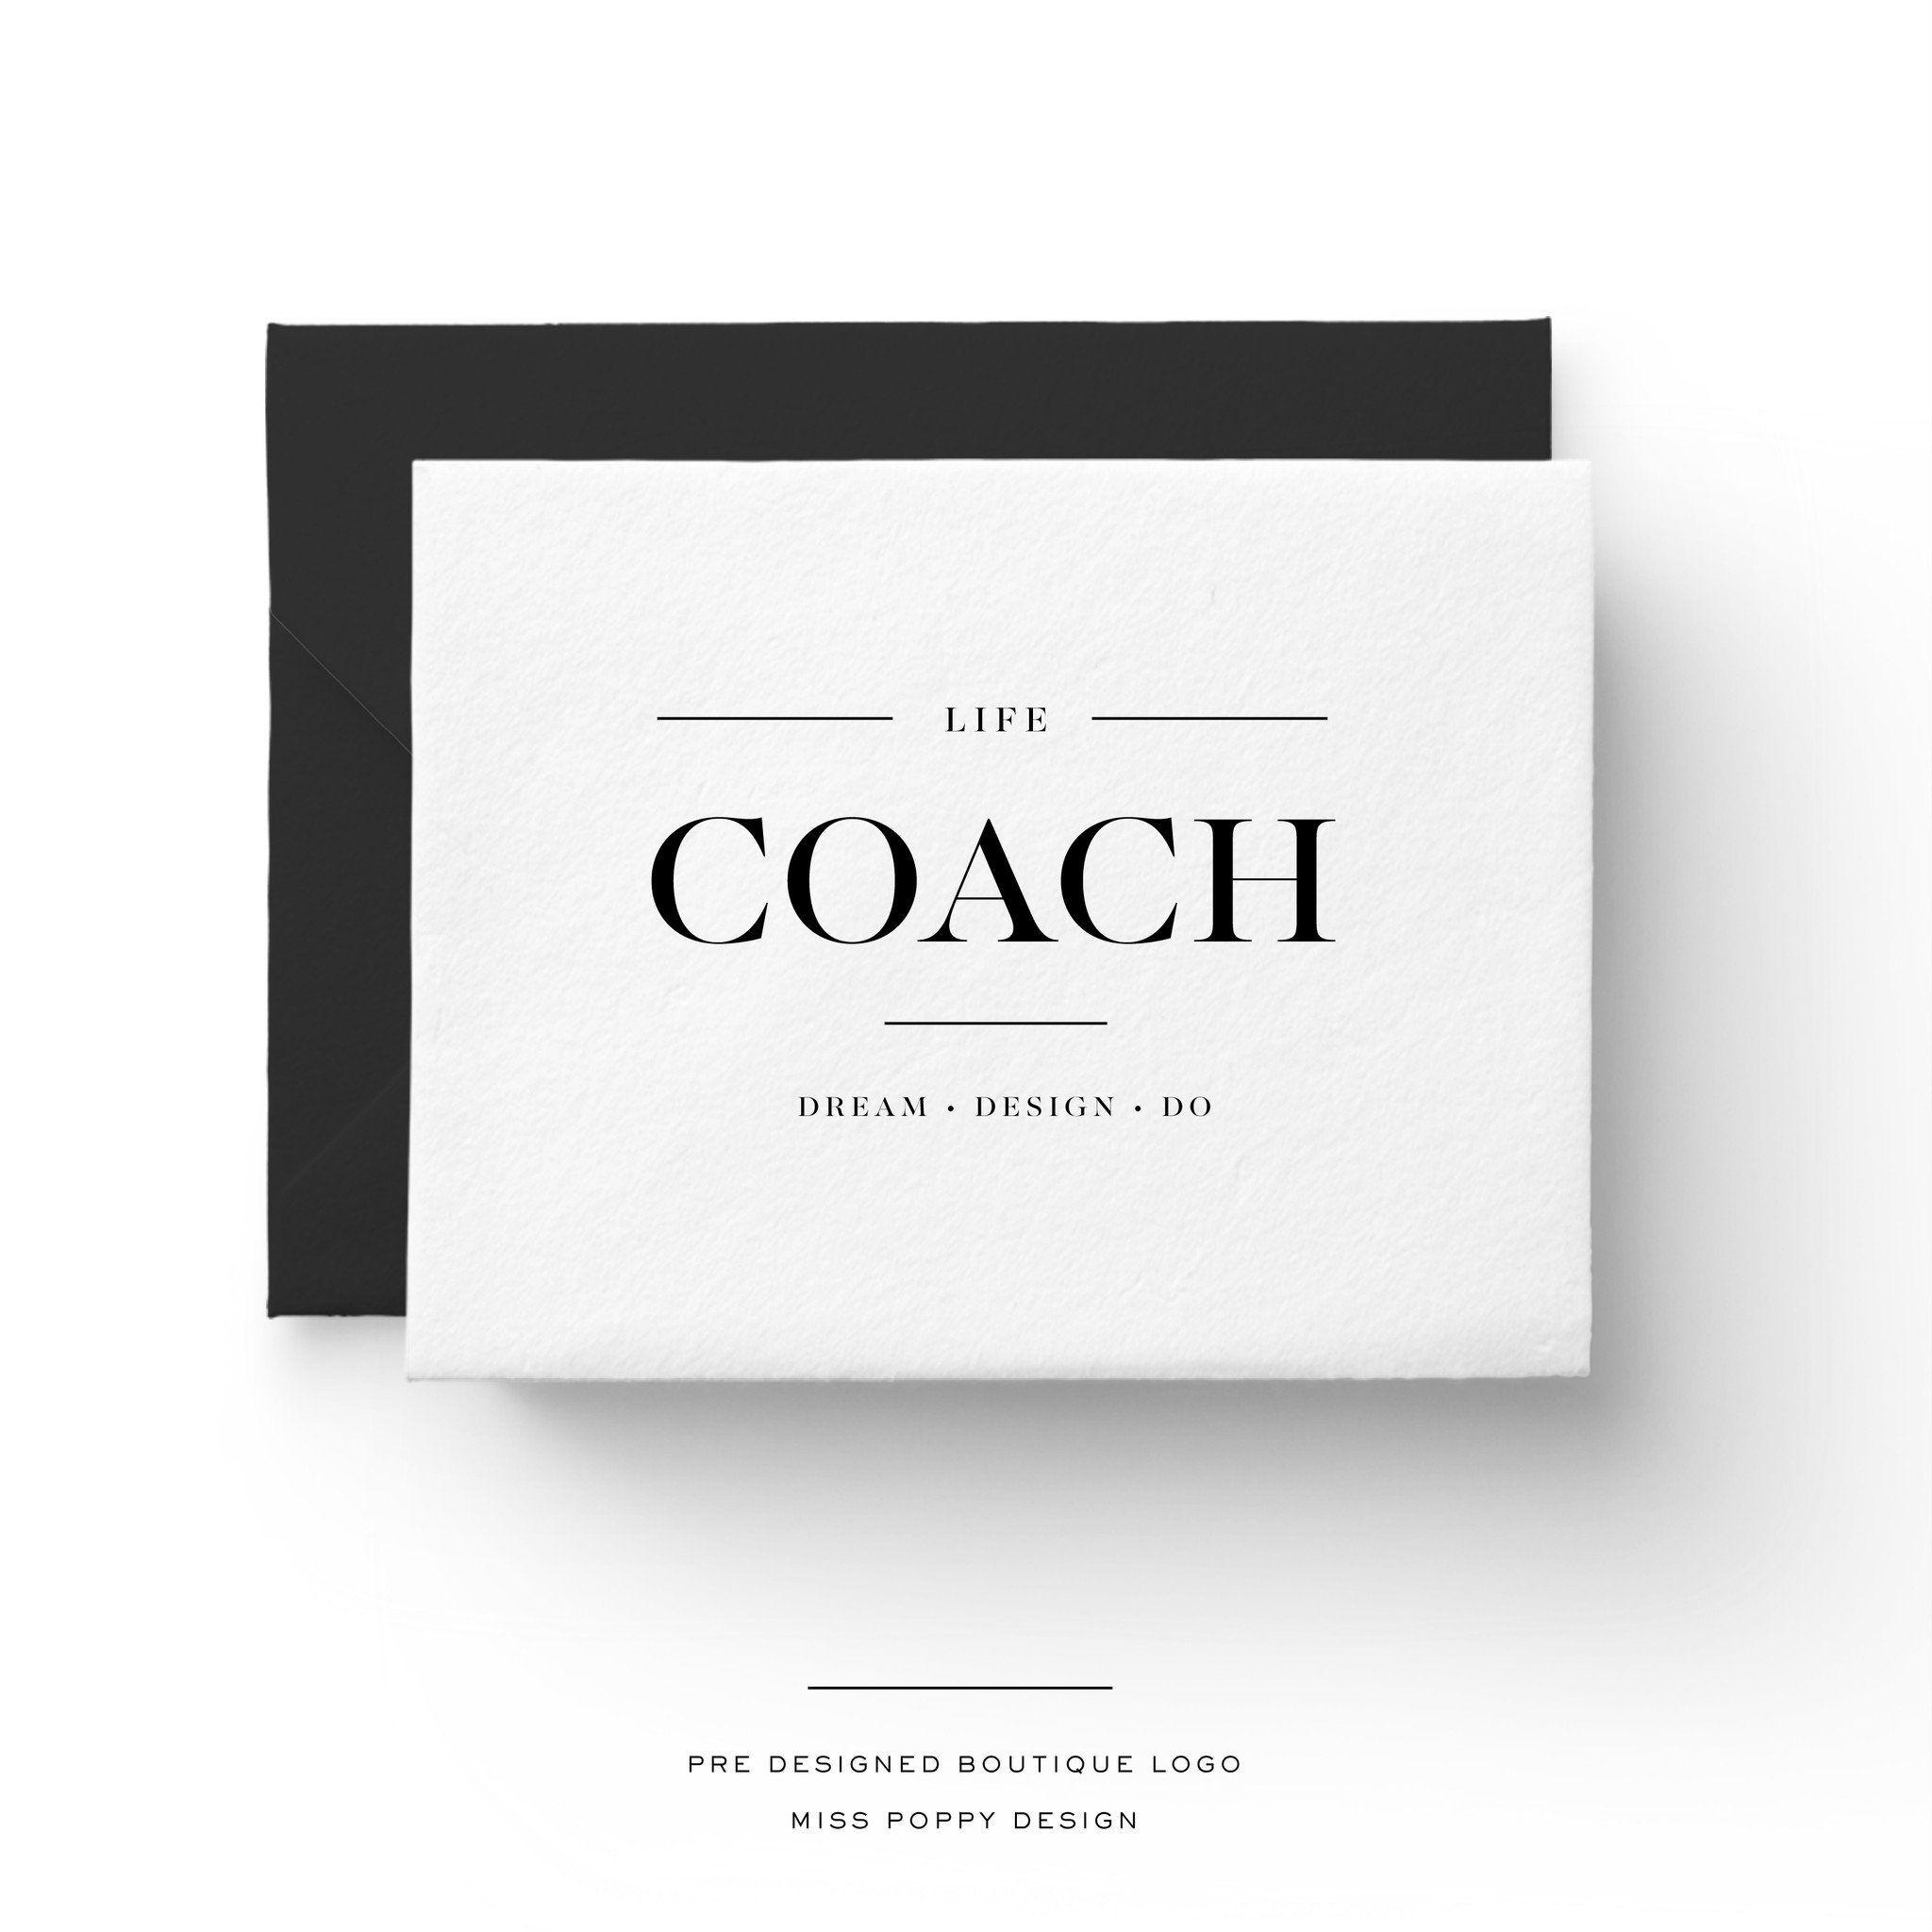 Life Coach- Pre Made Designer Logo   Business card logo design ...